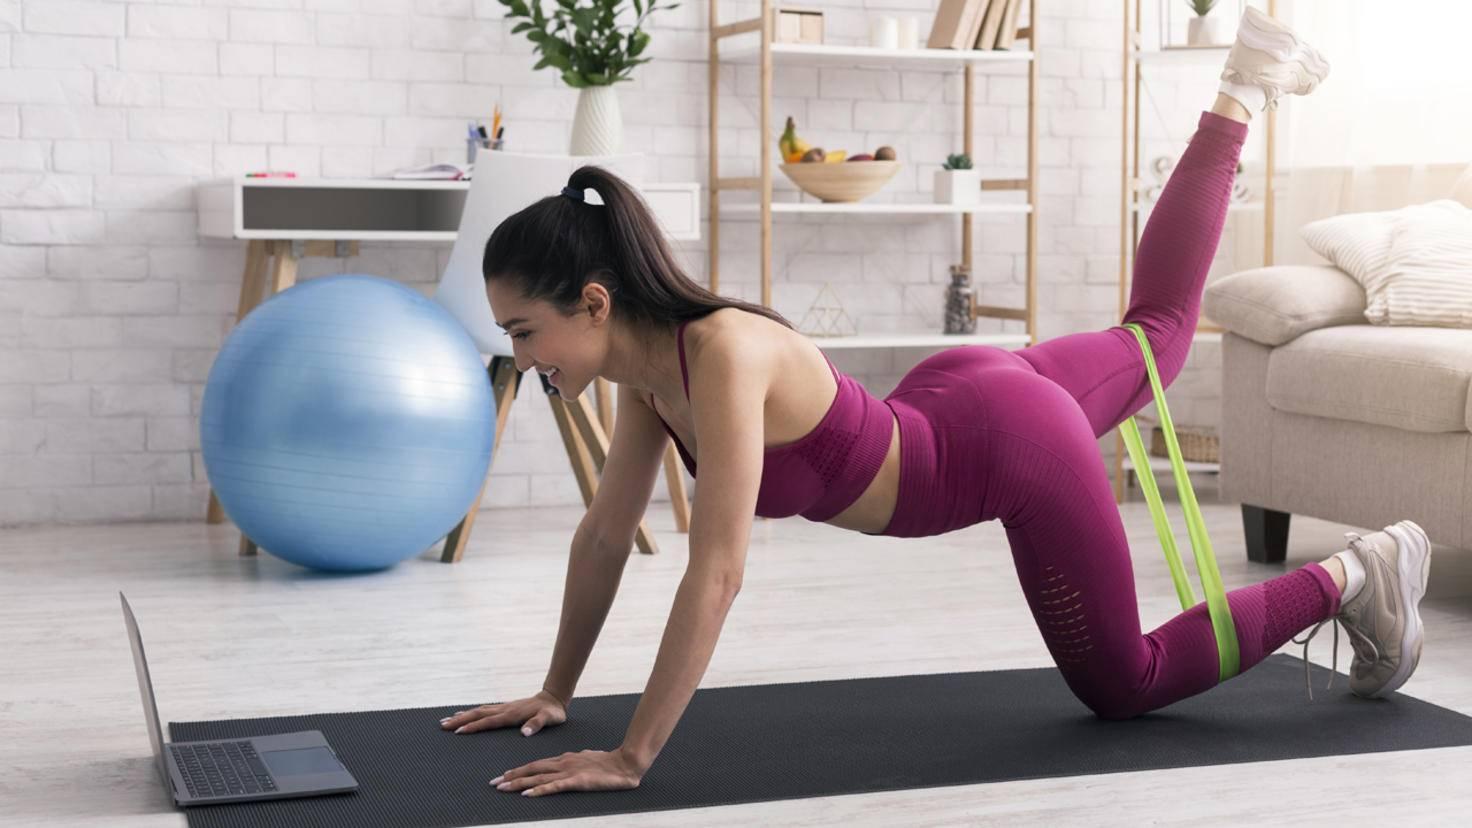 fitnessstudio-zu-hause-guenstige-geraete-fitnessbaender